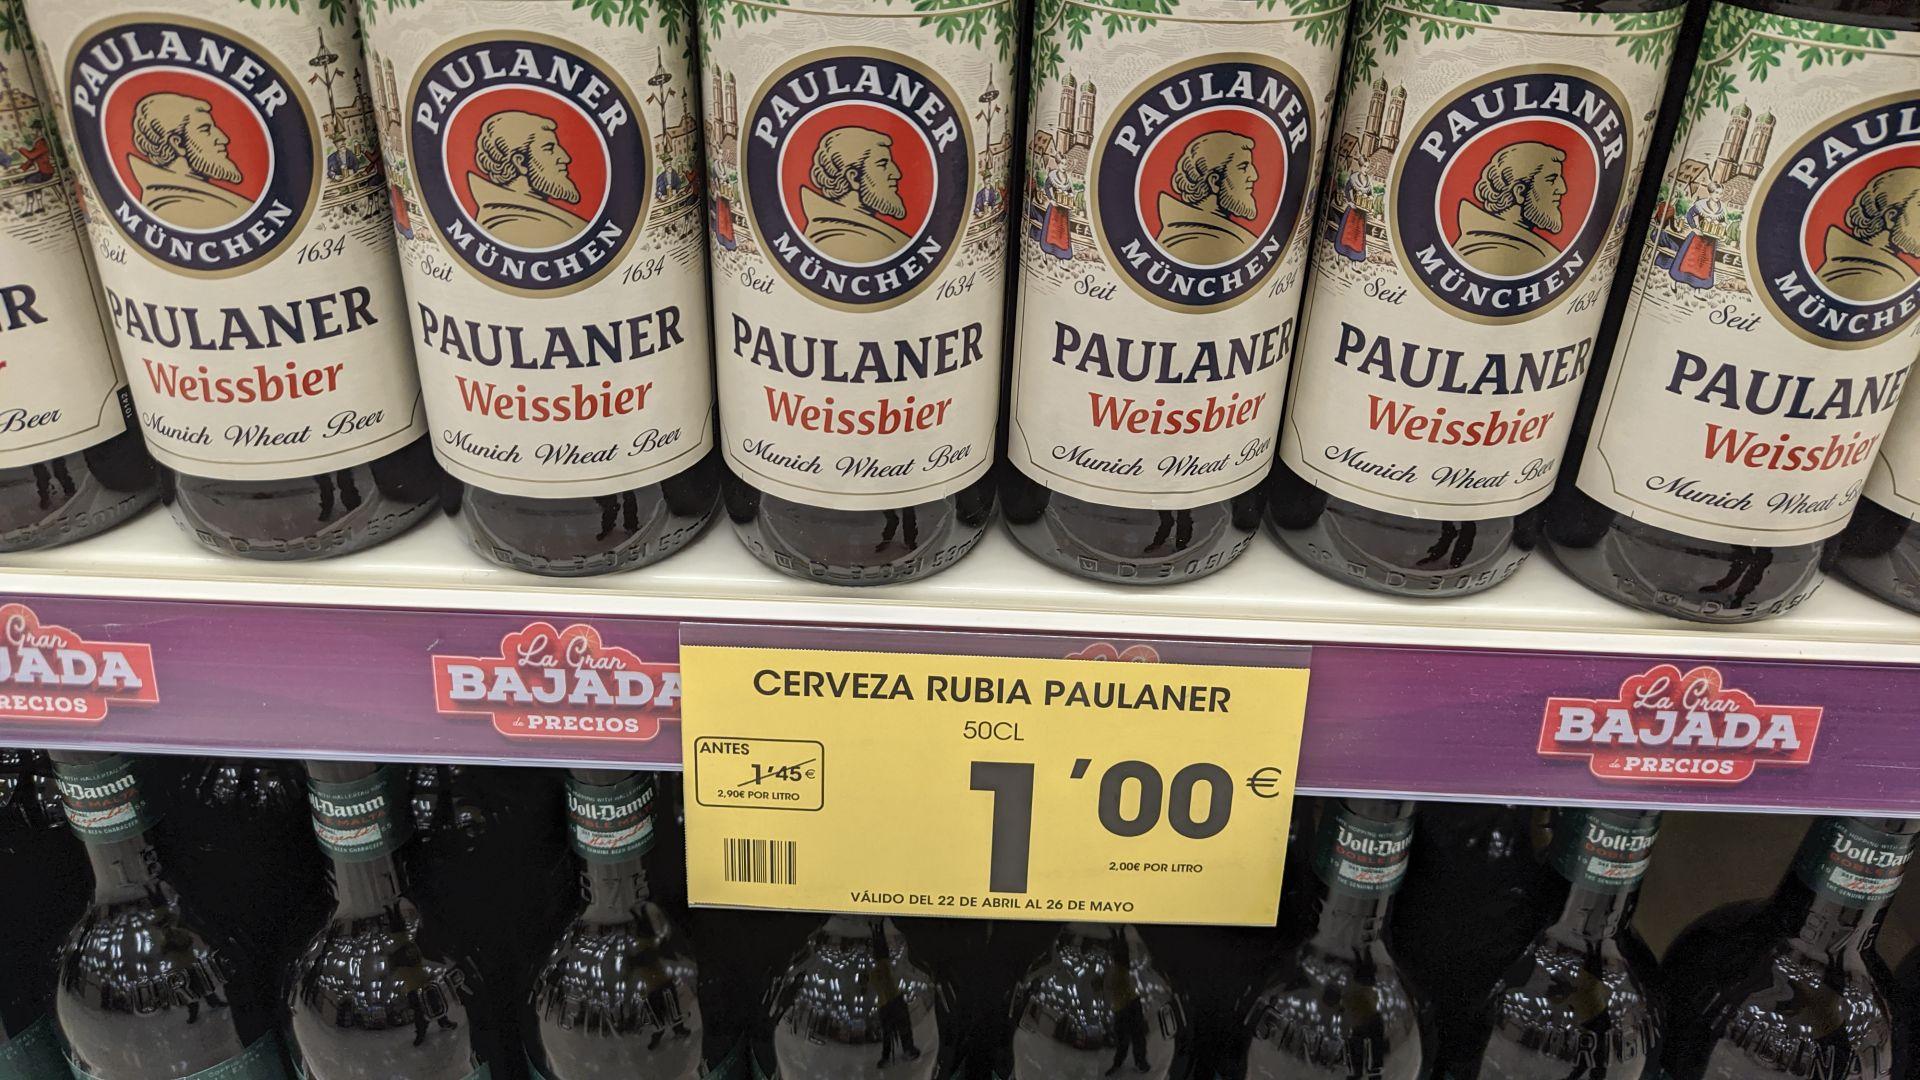 Paulaner 50cl por 1€